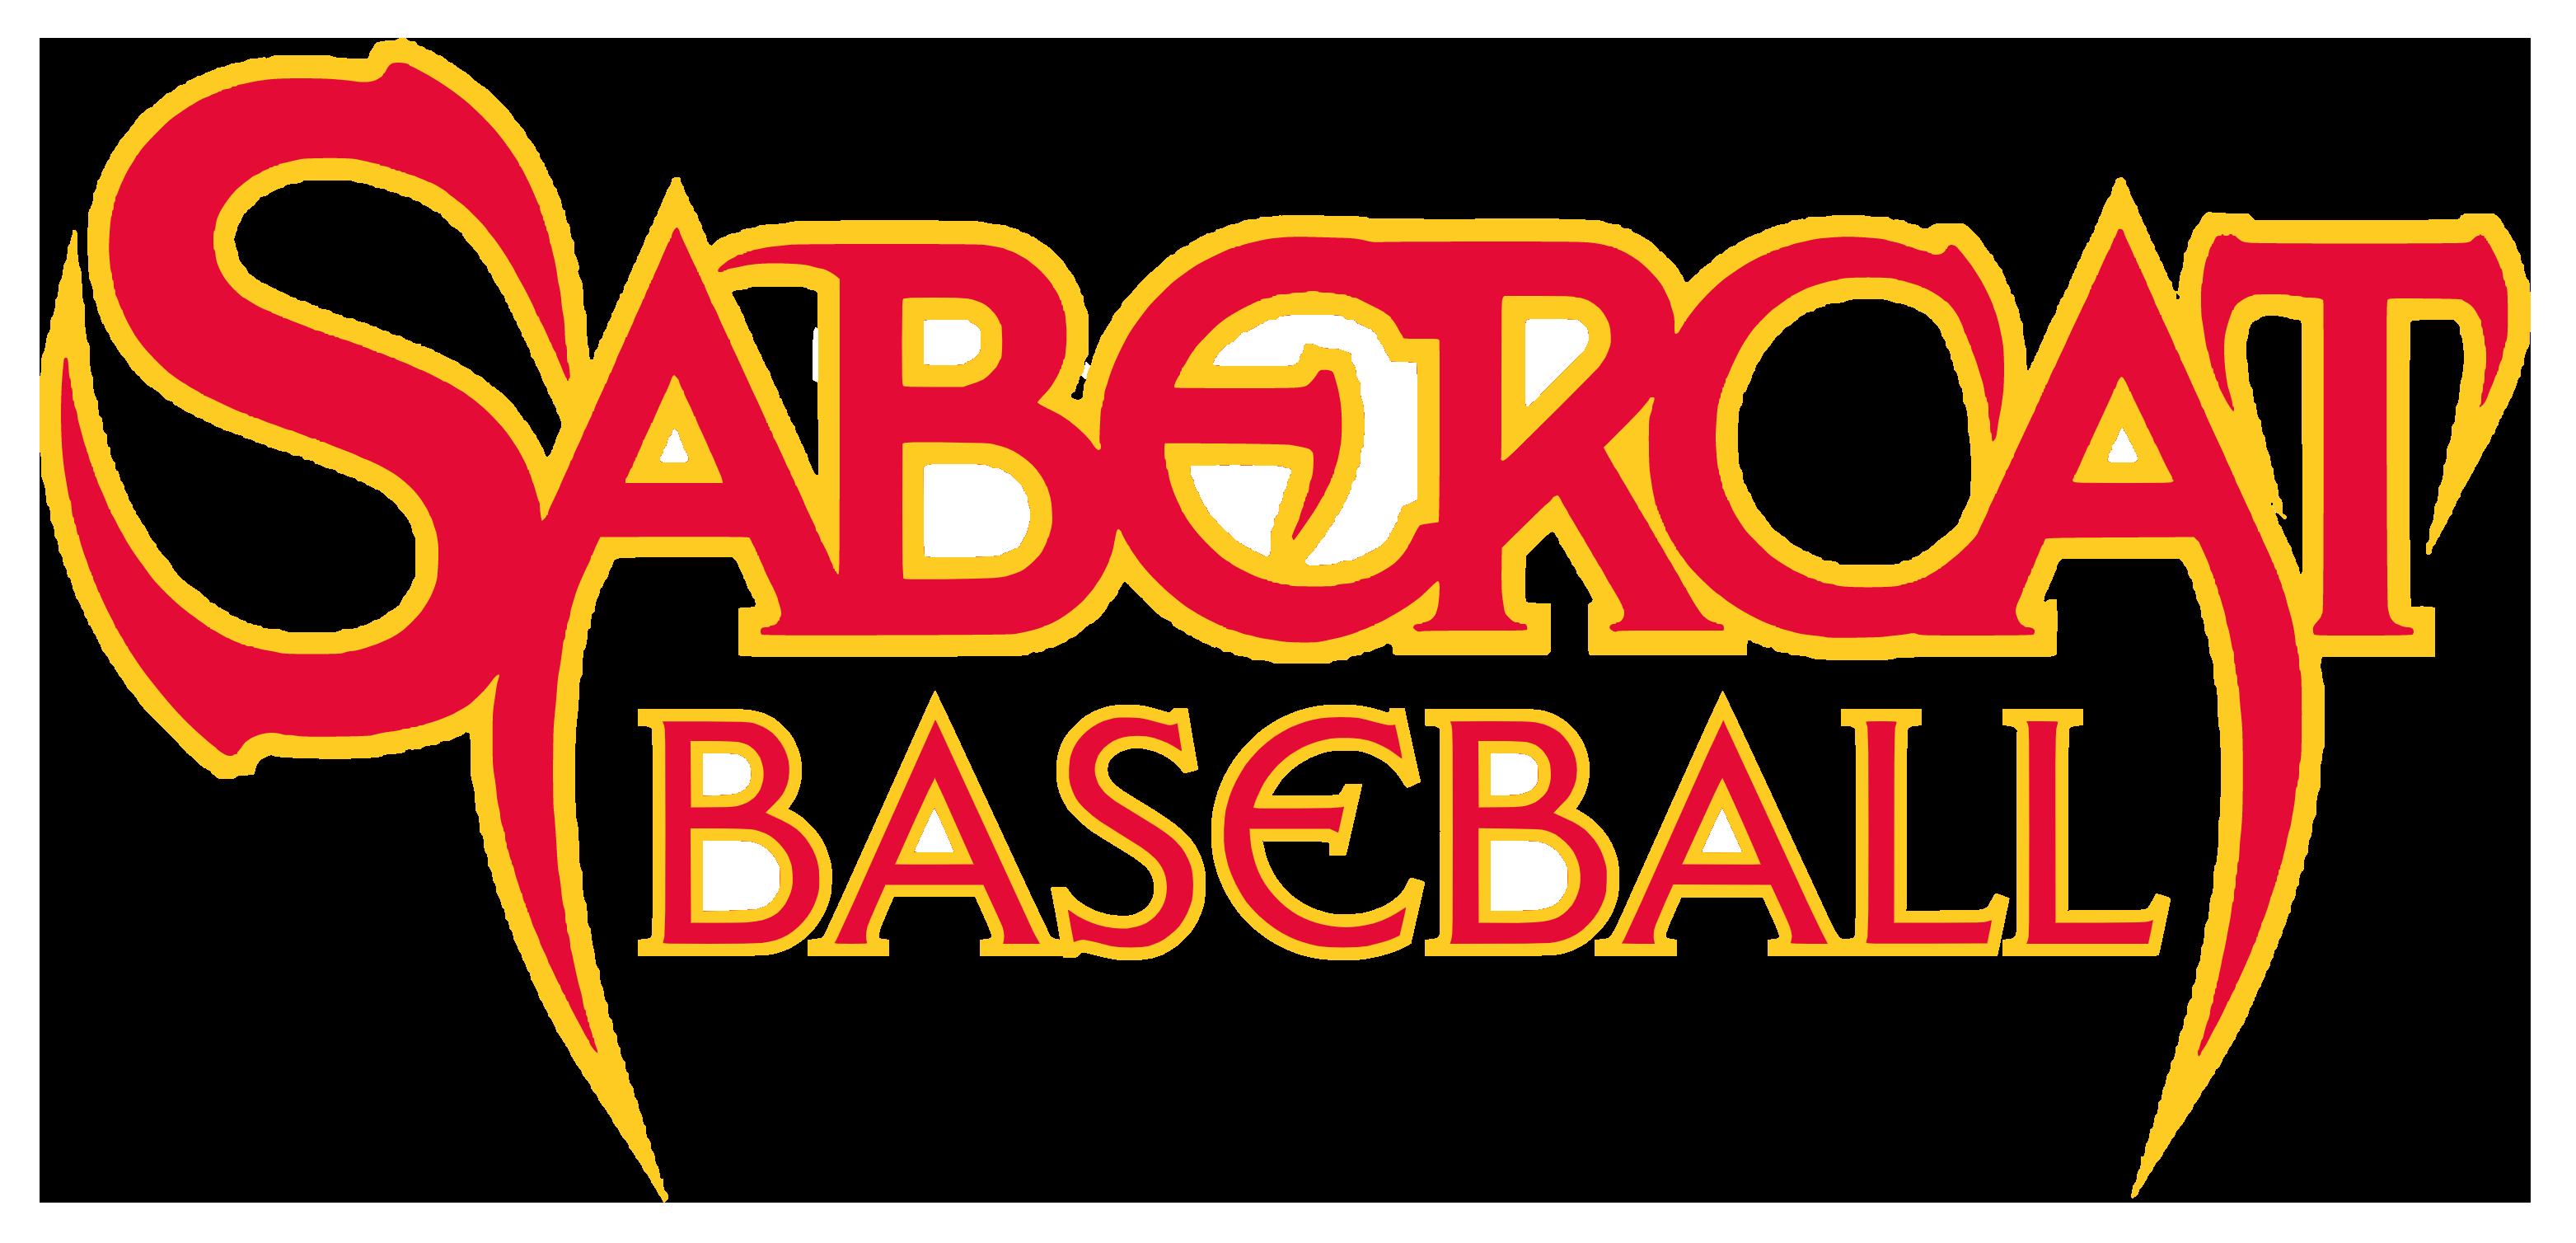 CVHS Sabercat Baseball